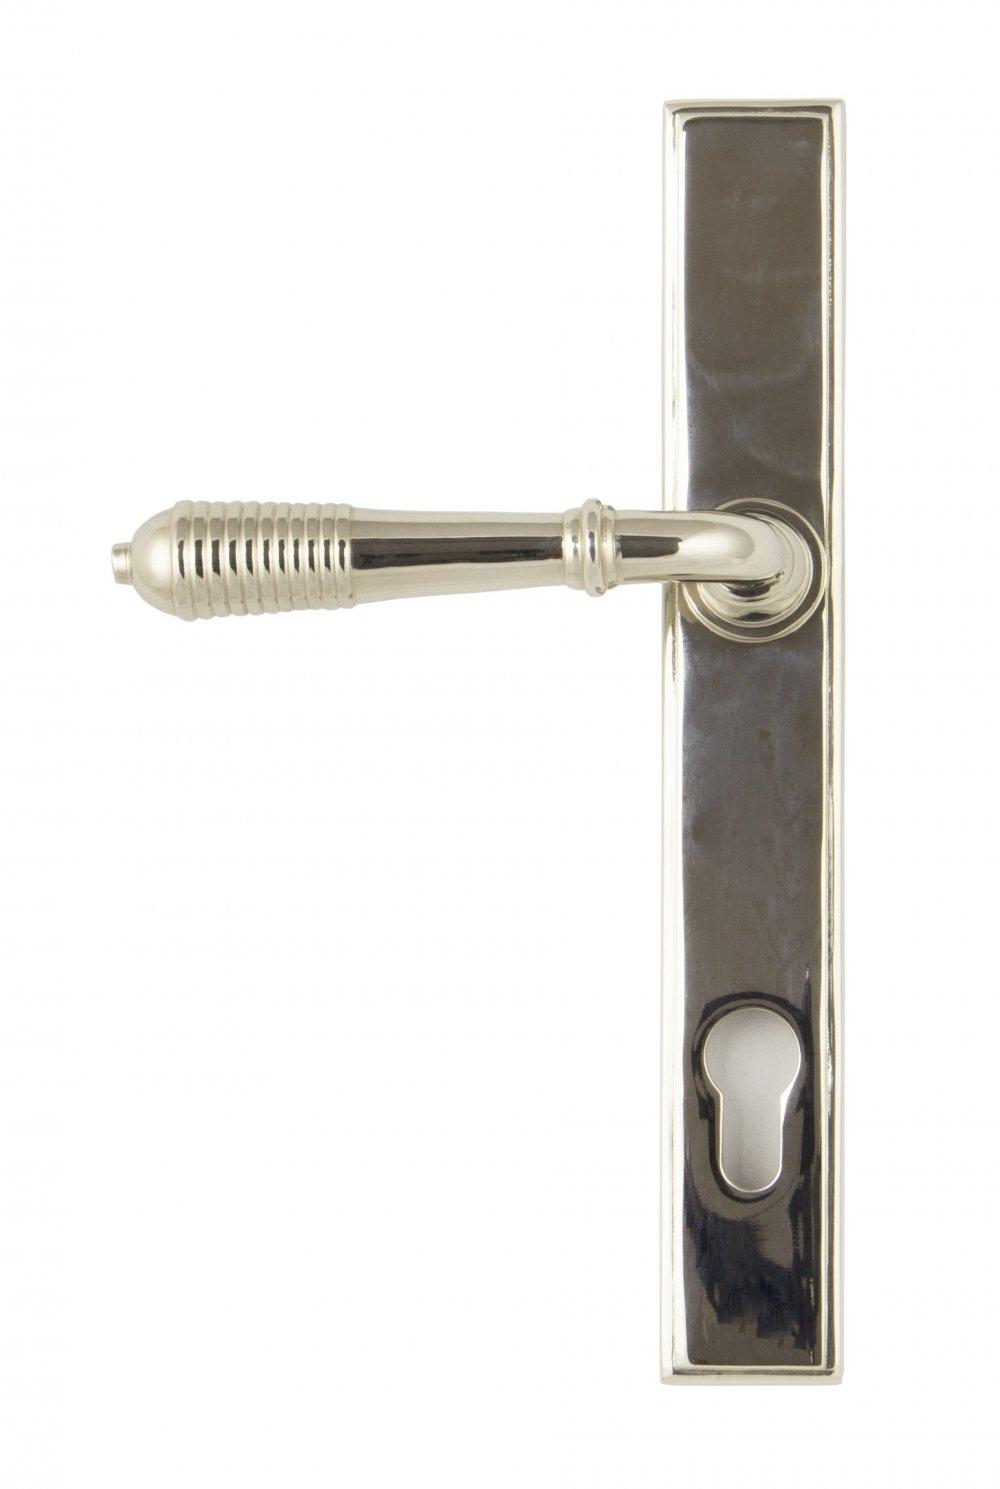 Polished Nickel Reeded Slimline Lever Espag. Lock Set image